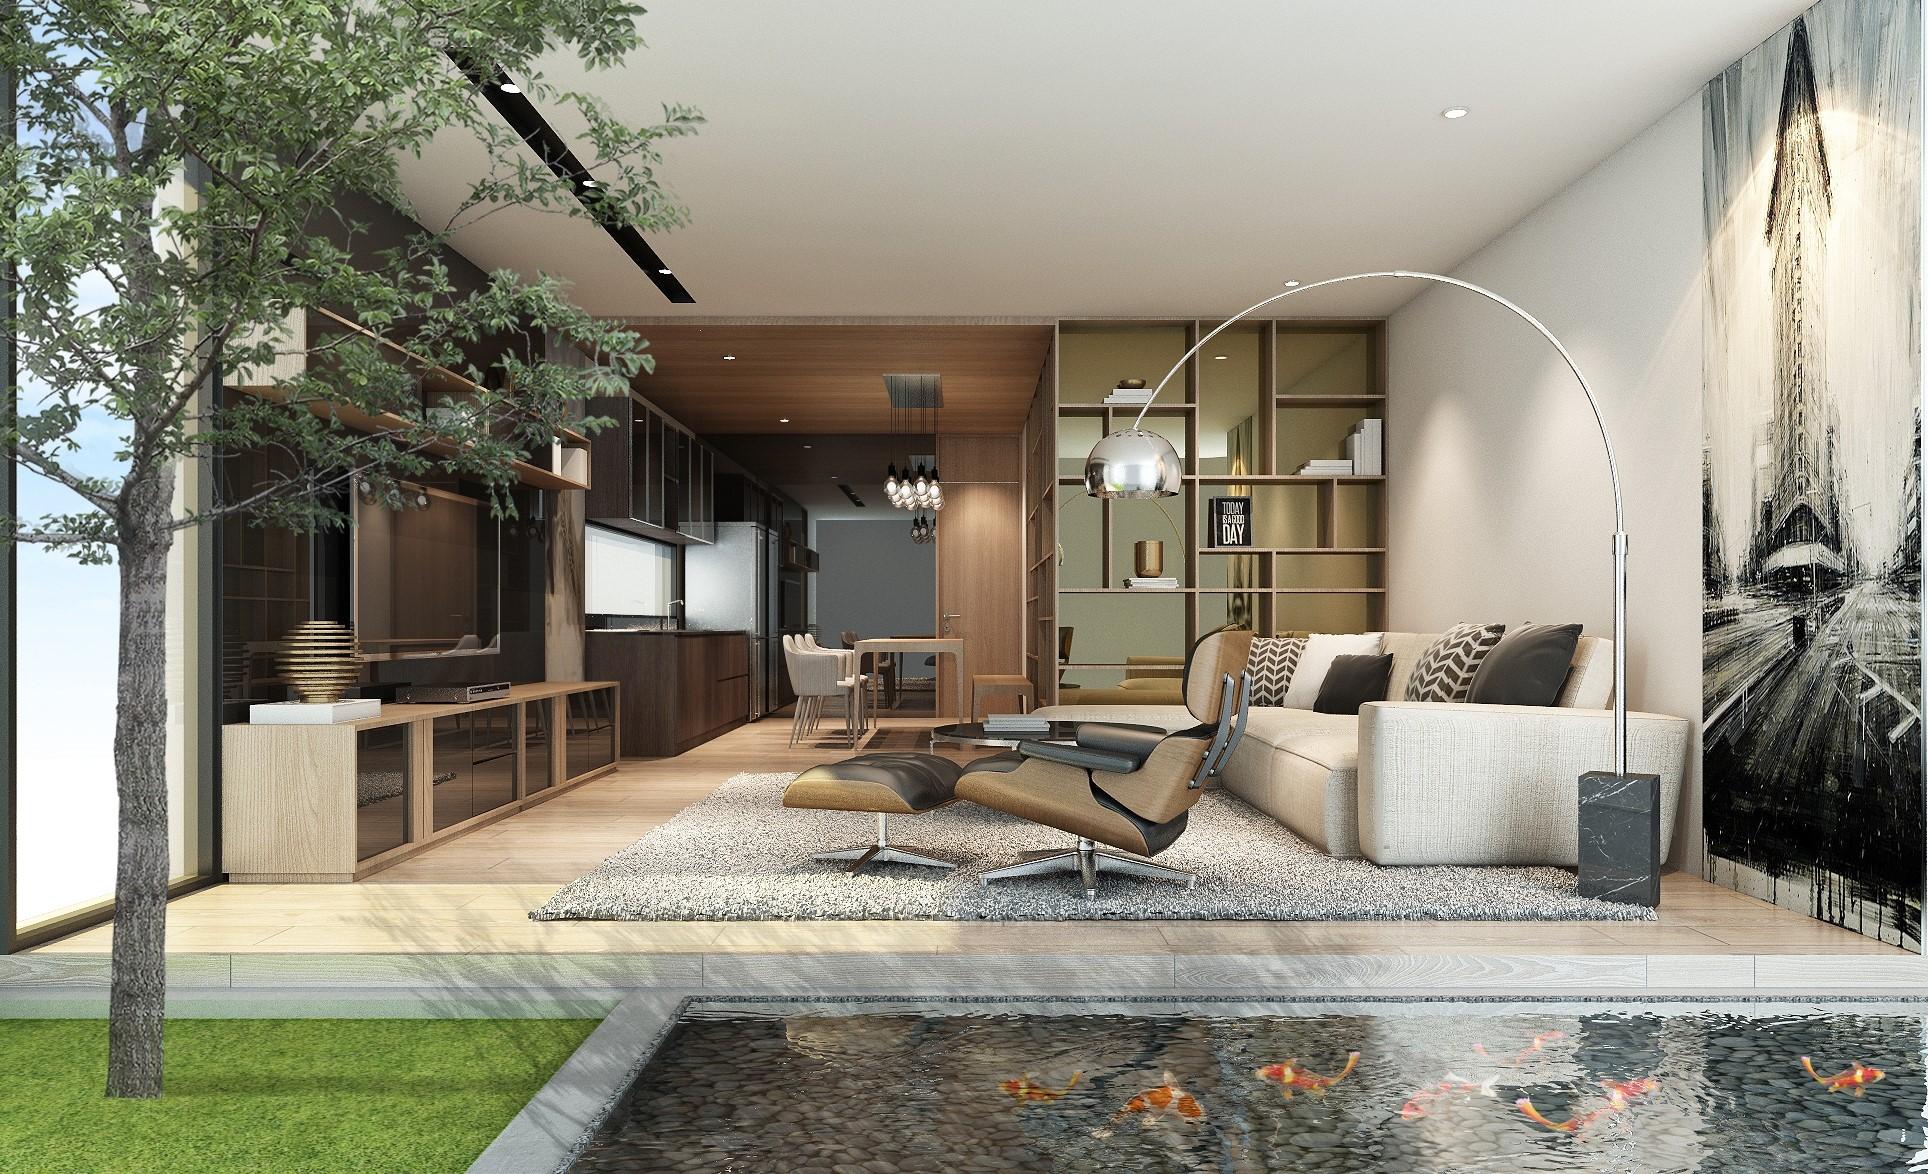 แนวคิดบ้าน สวย หรู สไตล์ โมเดิร์น ที่จะได้ประโยชน์ กับ การอยู่อาศัย